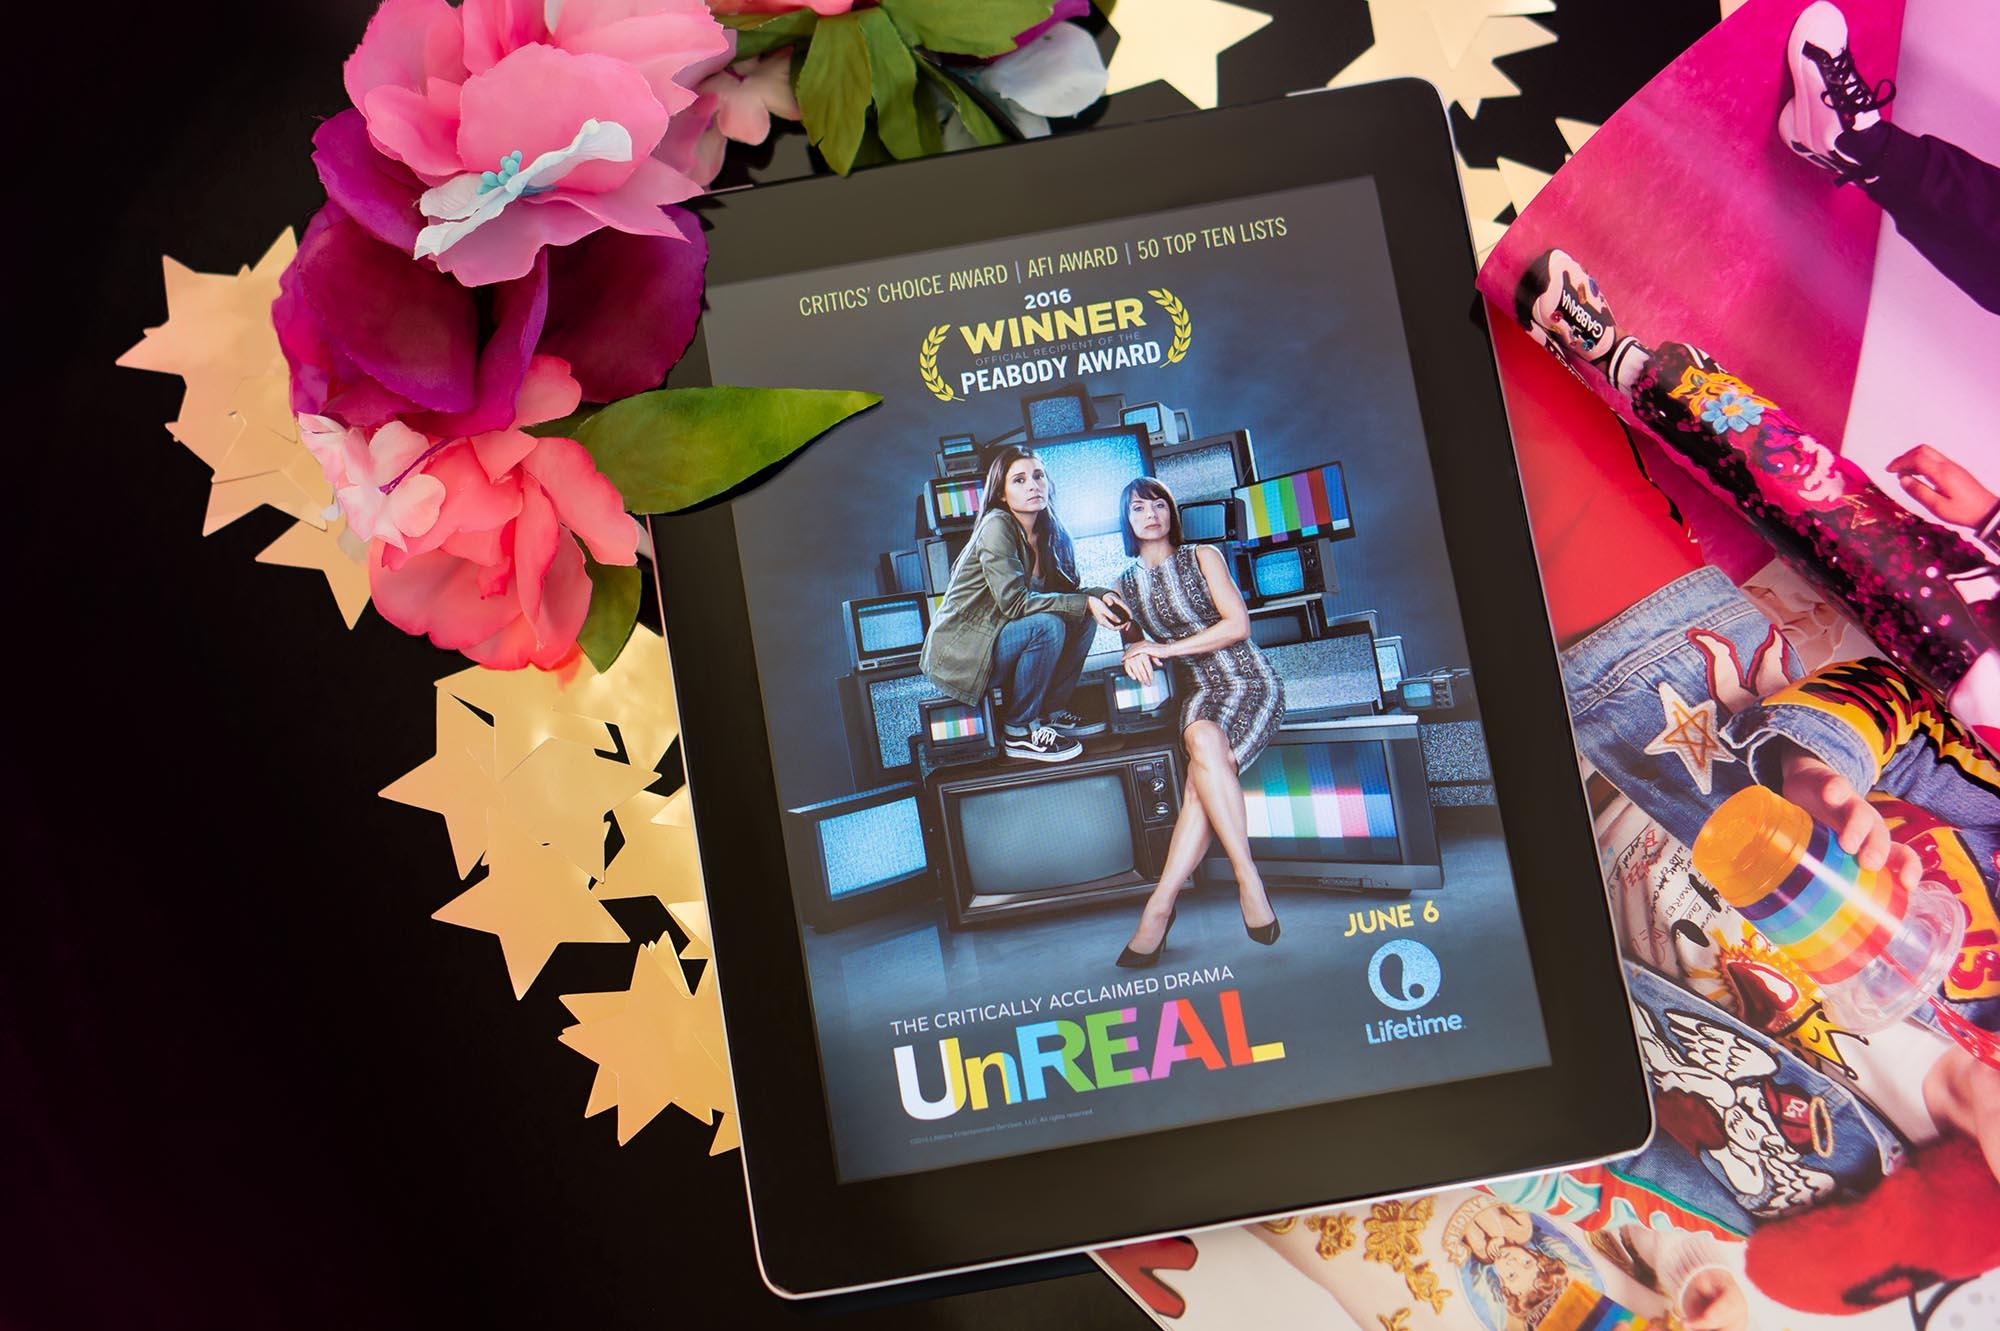 UnReal – Fernsehserie über Liebe und TV-Wahnsinn